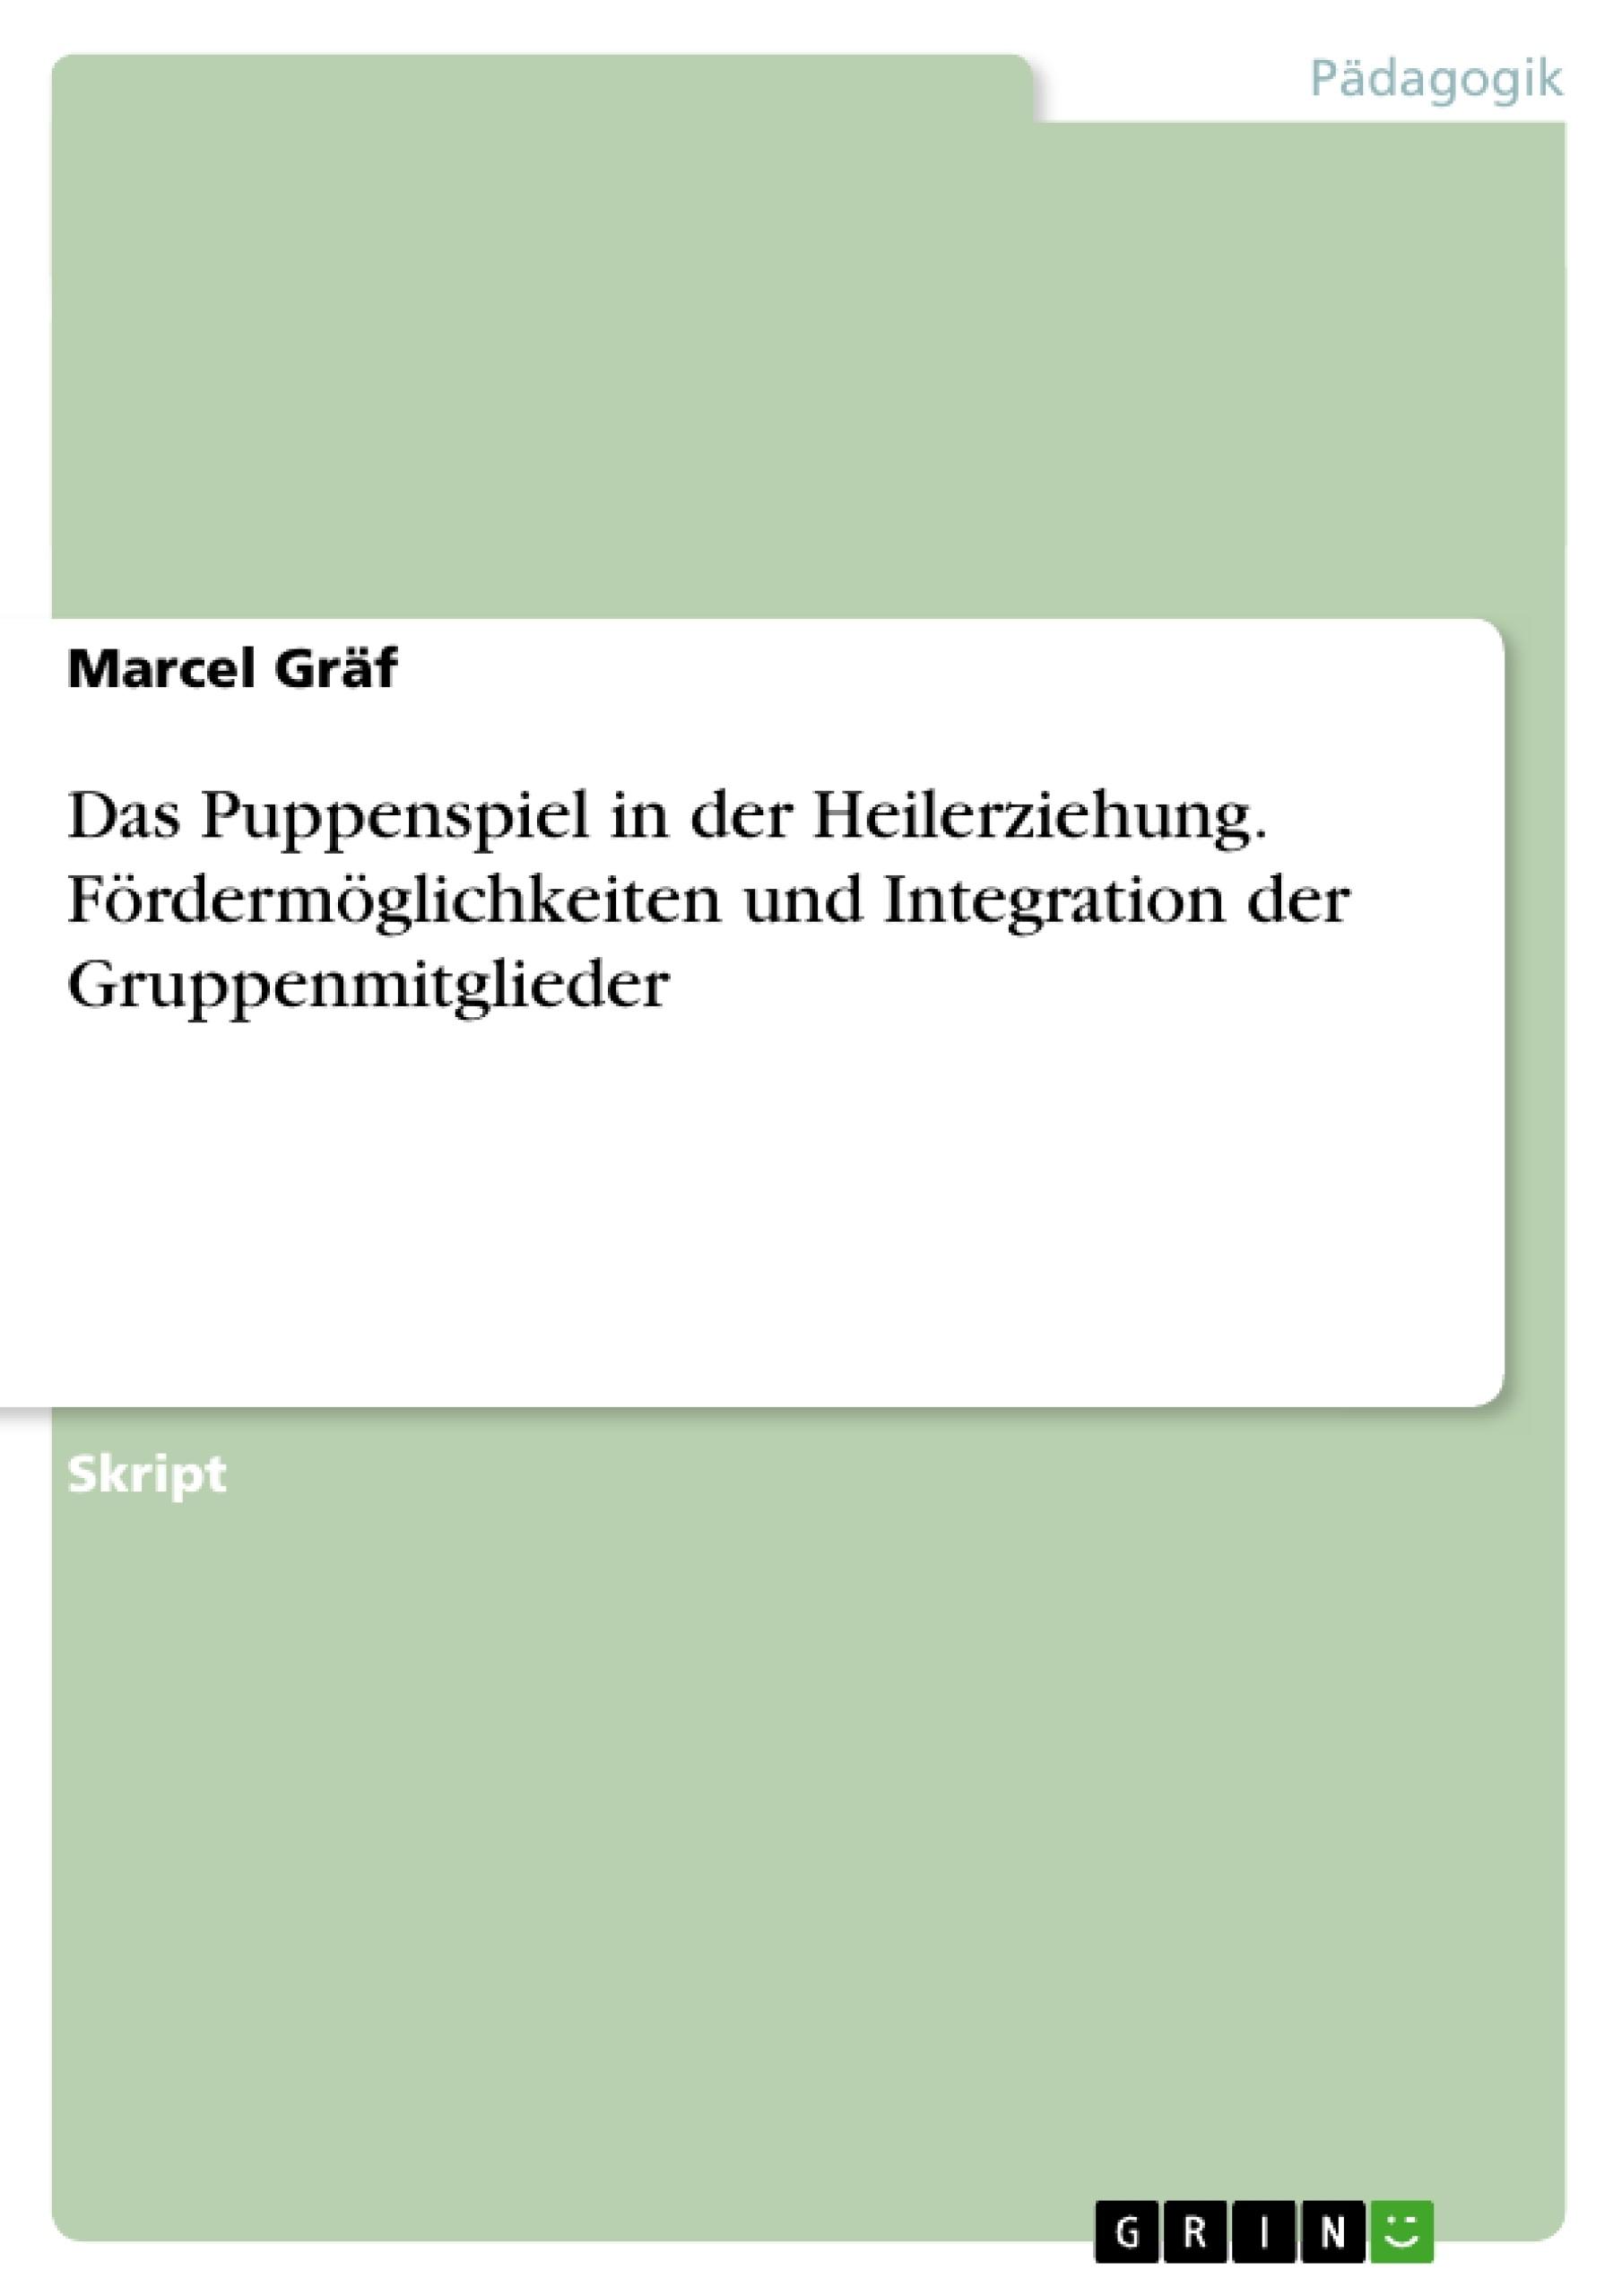 Titel: Das Puppenspiel in der Heilerziehung. Fördermöglichkeiten und Integration der Gruppenmitglieder